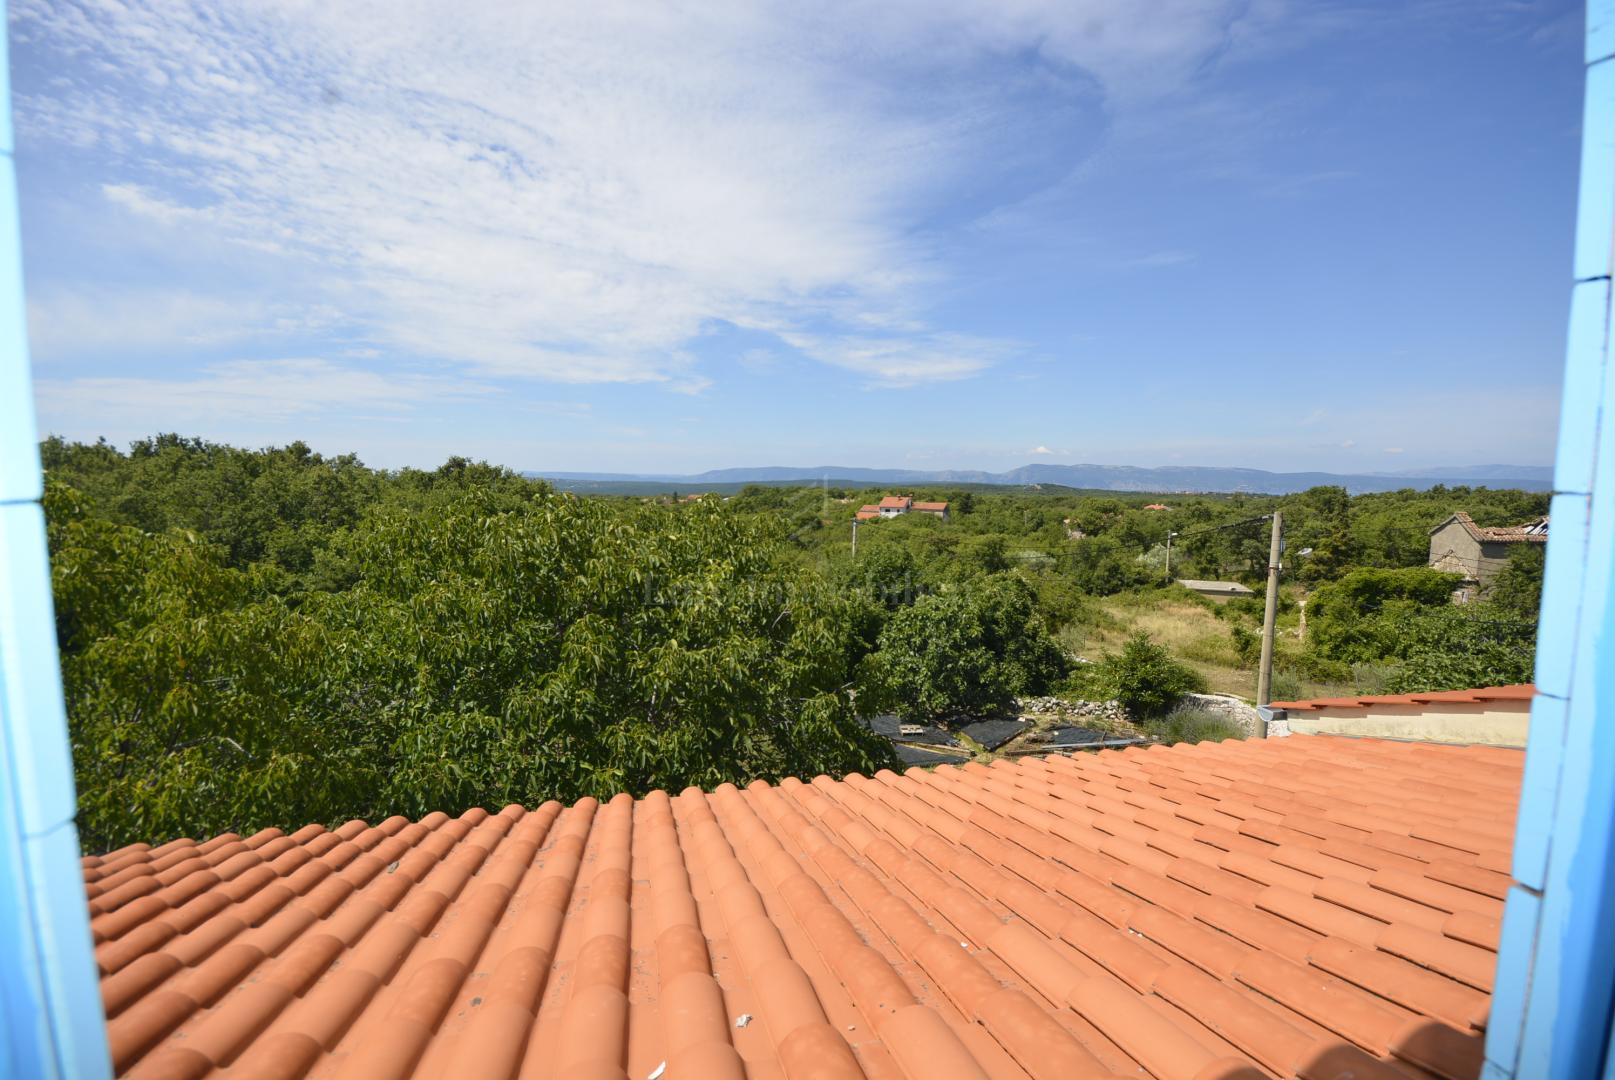 Eko kuća sa otvorenim pogledom na prirodu!